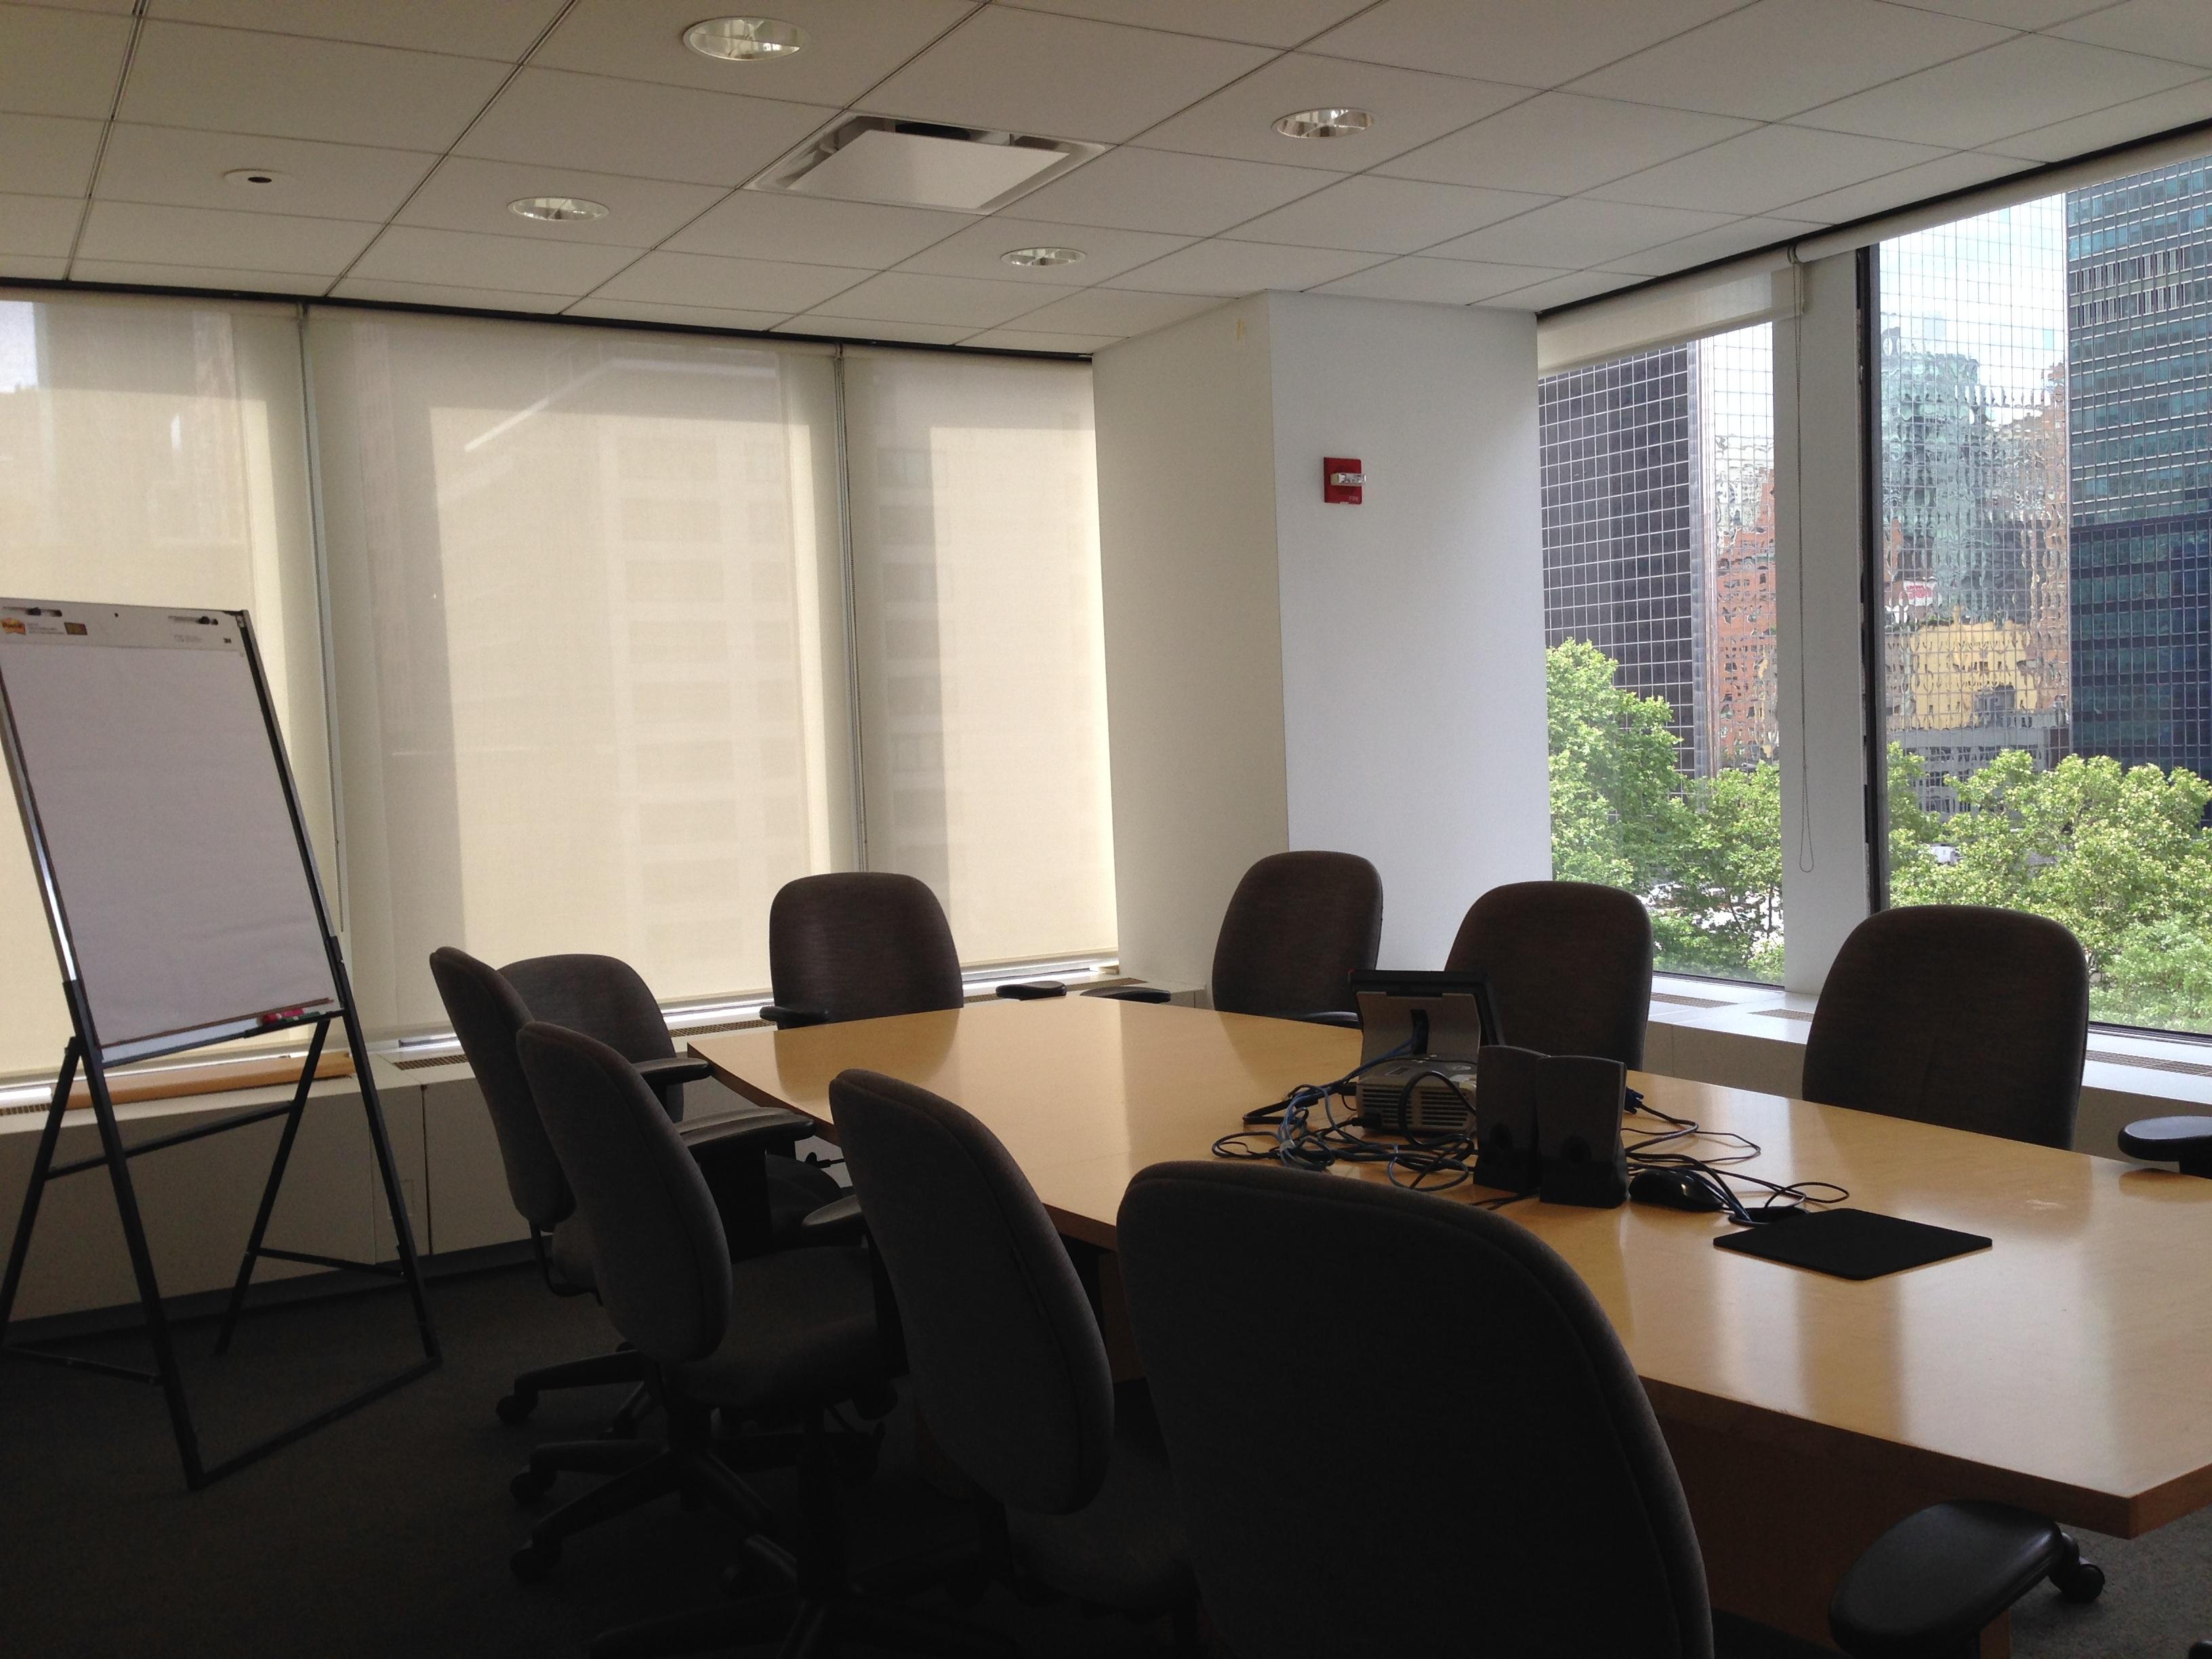 Fotos gratis mesa silla reuni n corporativo oficina for Disenos de interiores para negocios